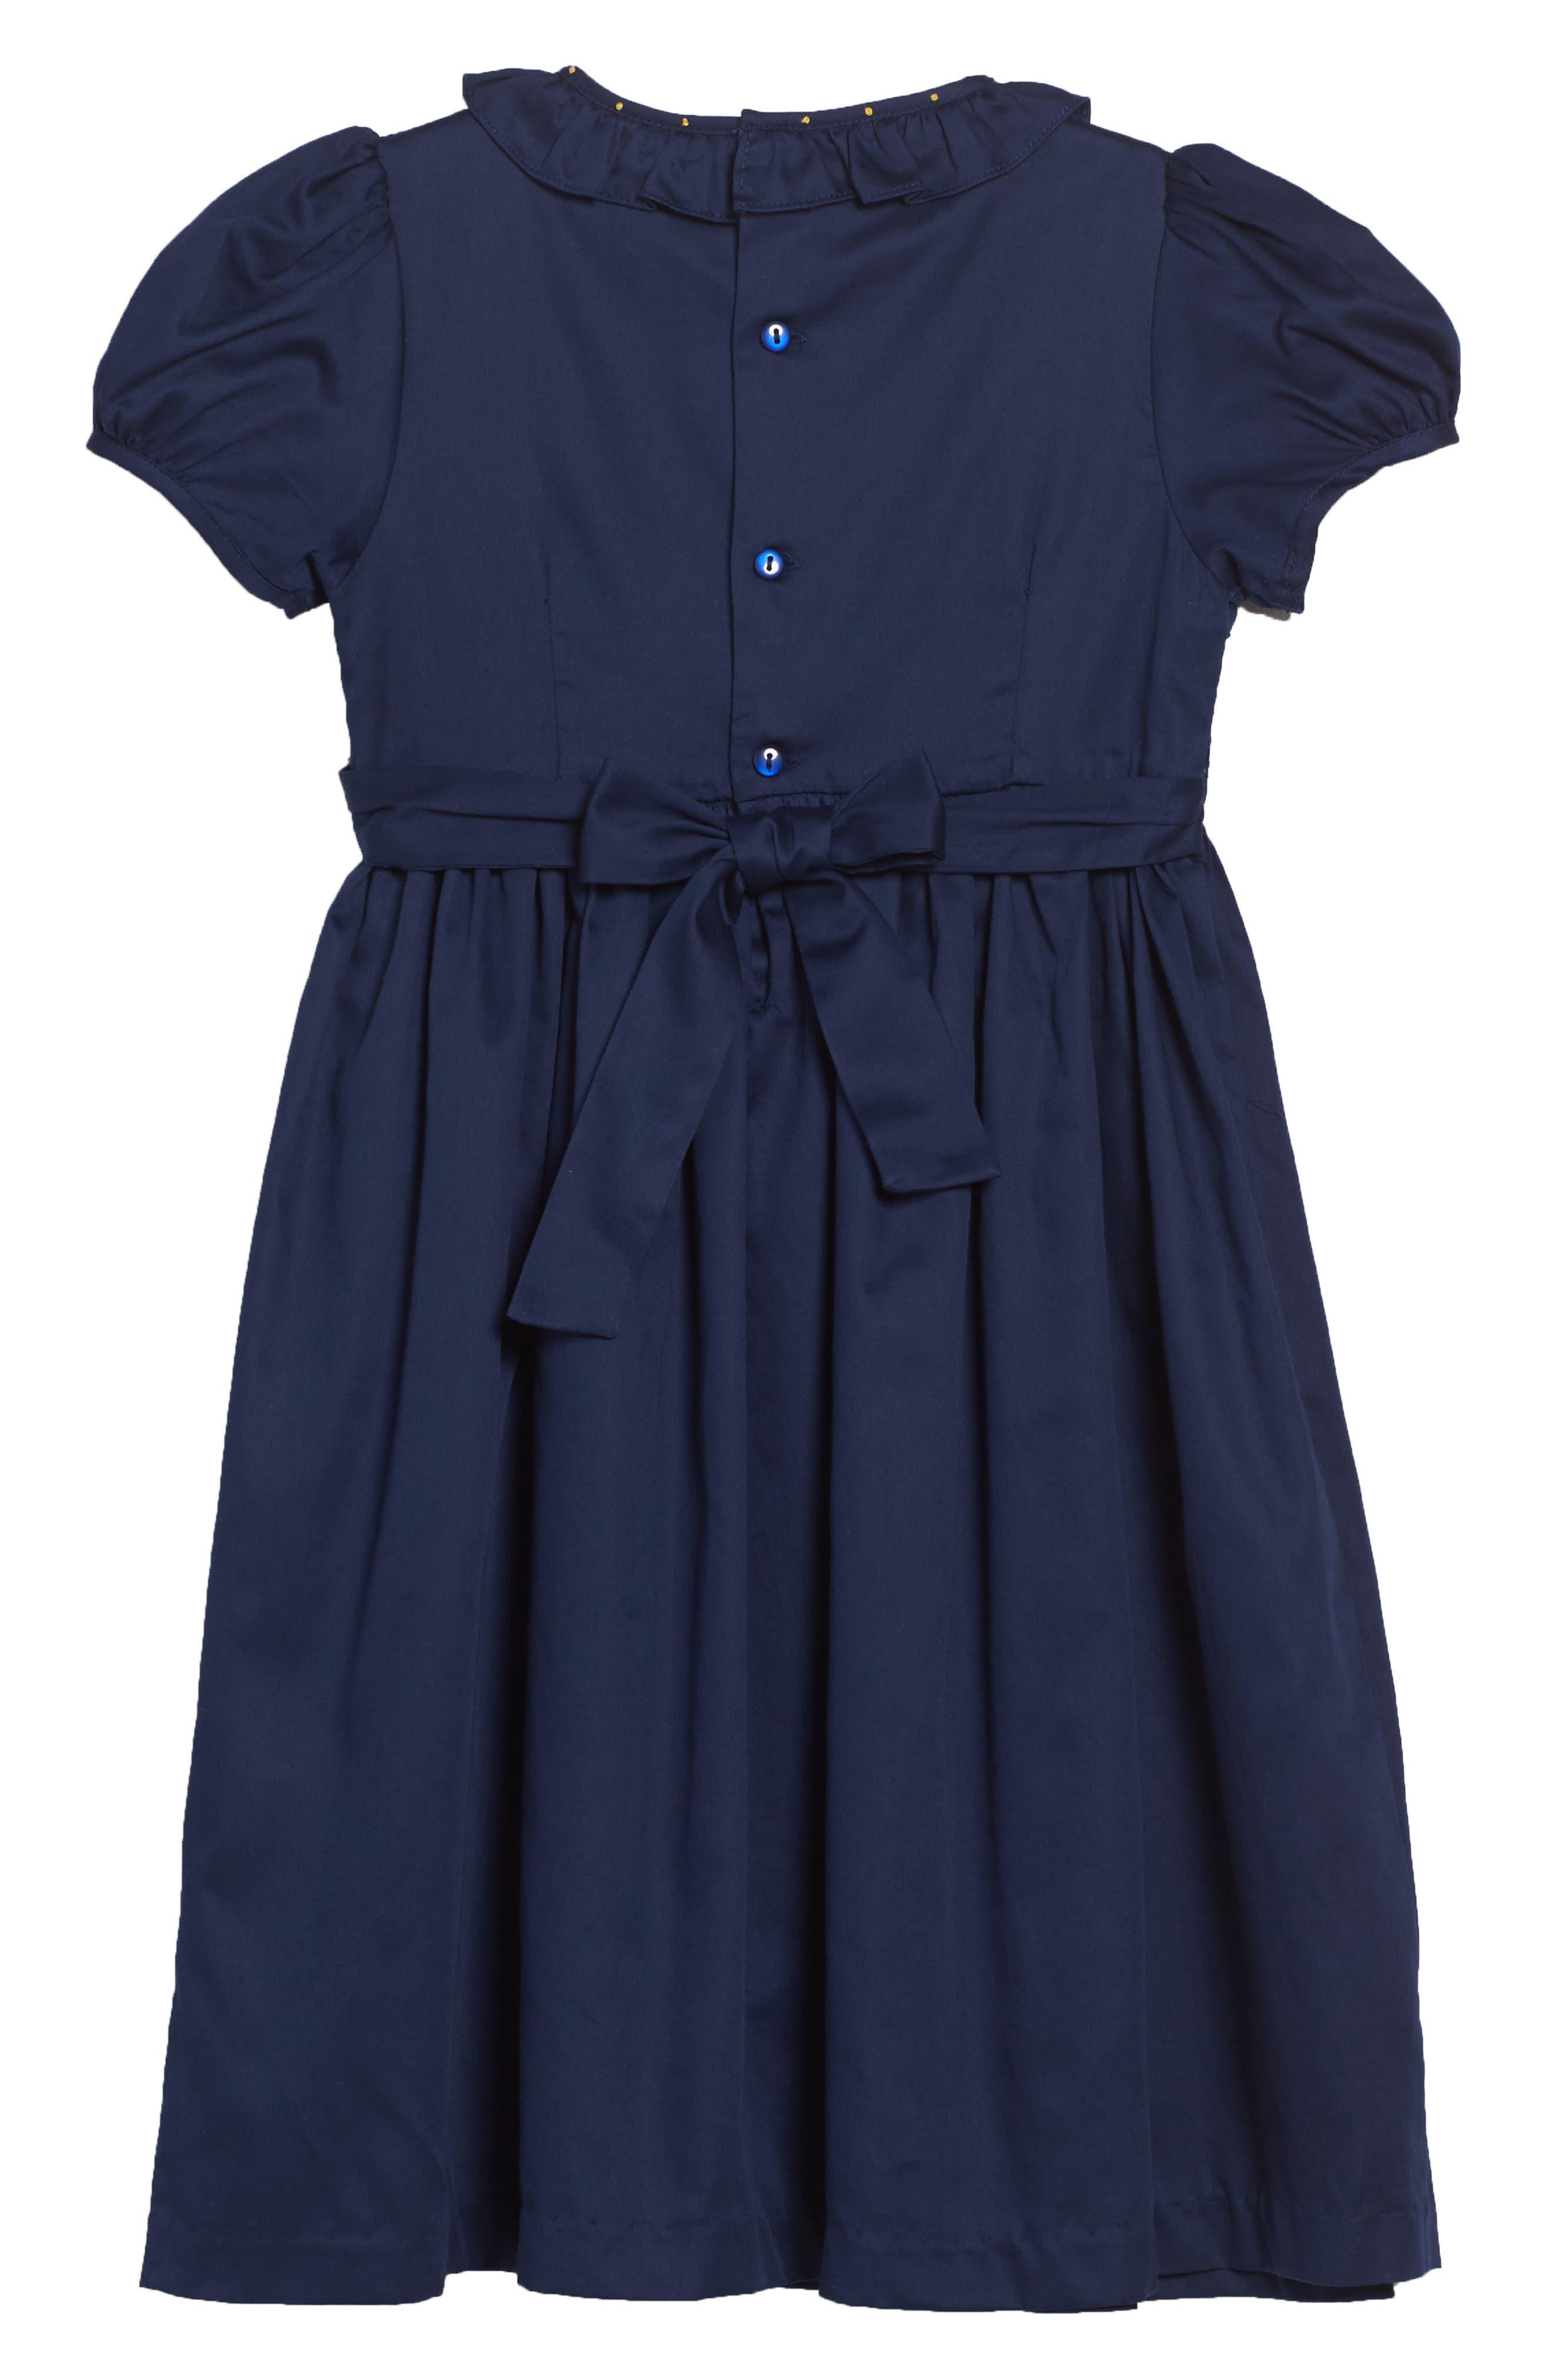 Alternate Image 2  - Luli & Me Smocked Dress (Toddler Girls & Little Girls)